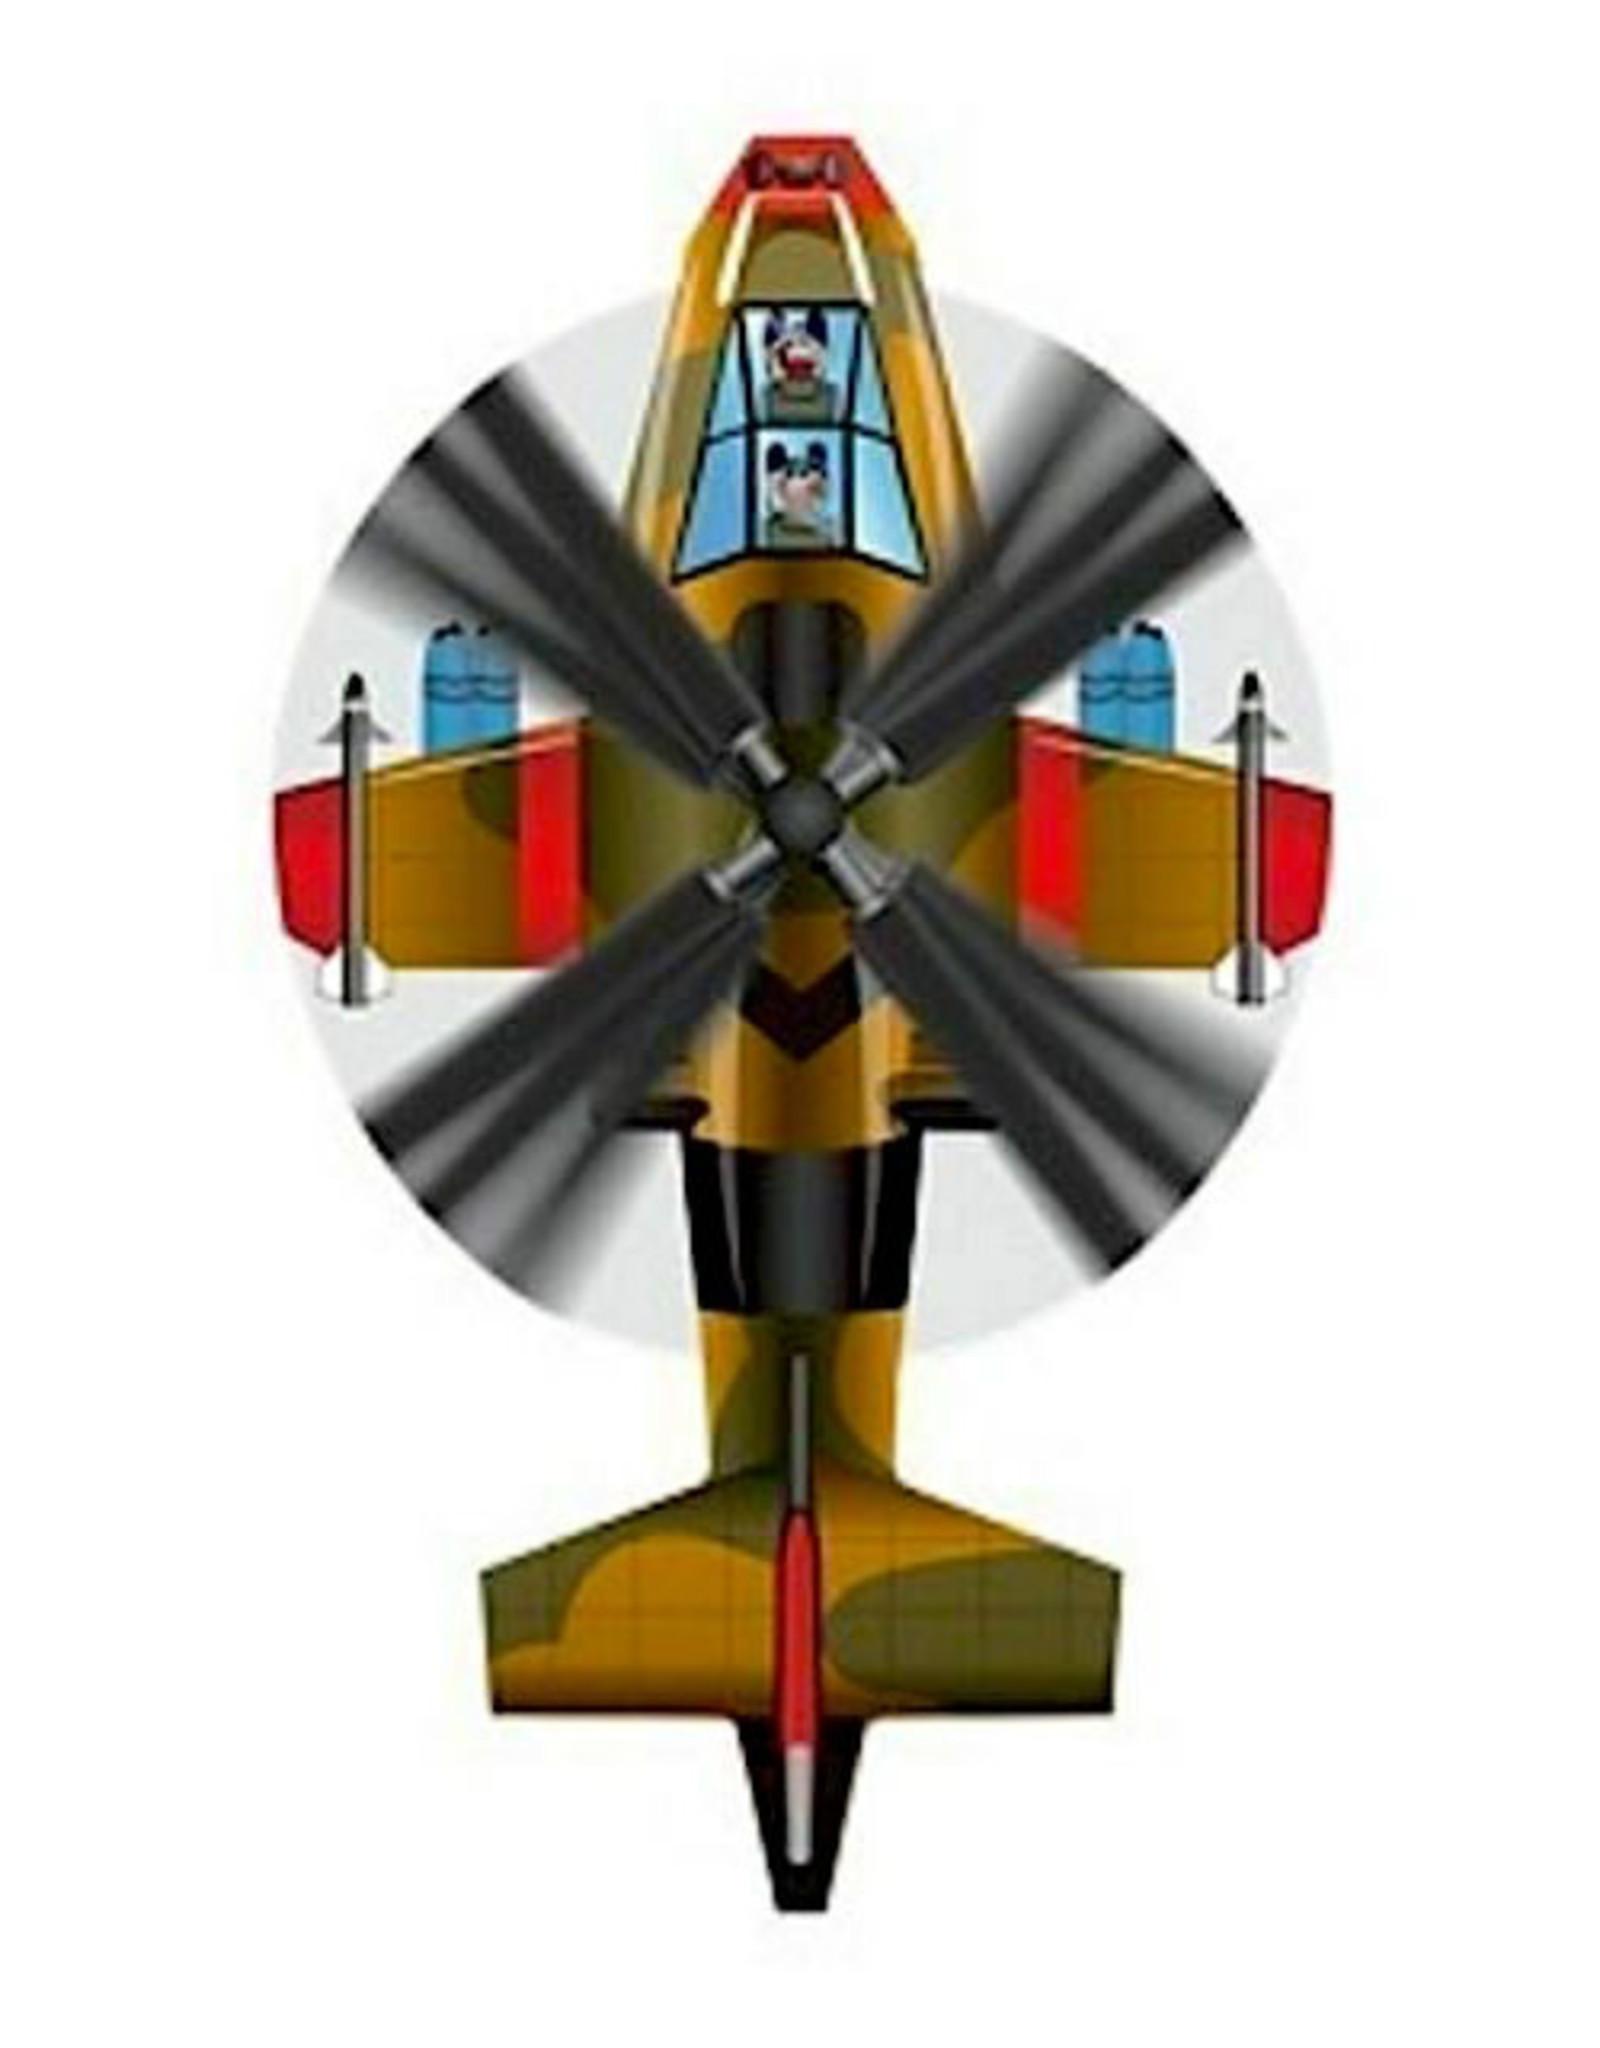 Skymax-Skybugz Kite